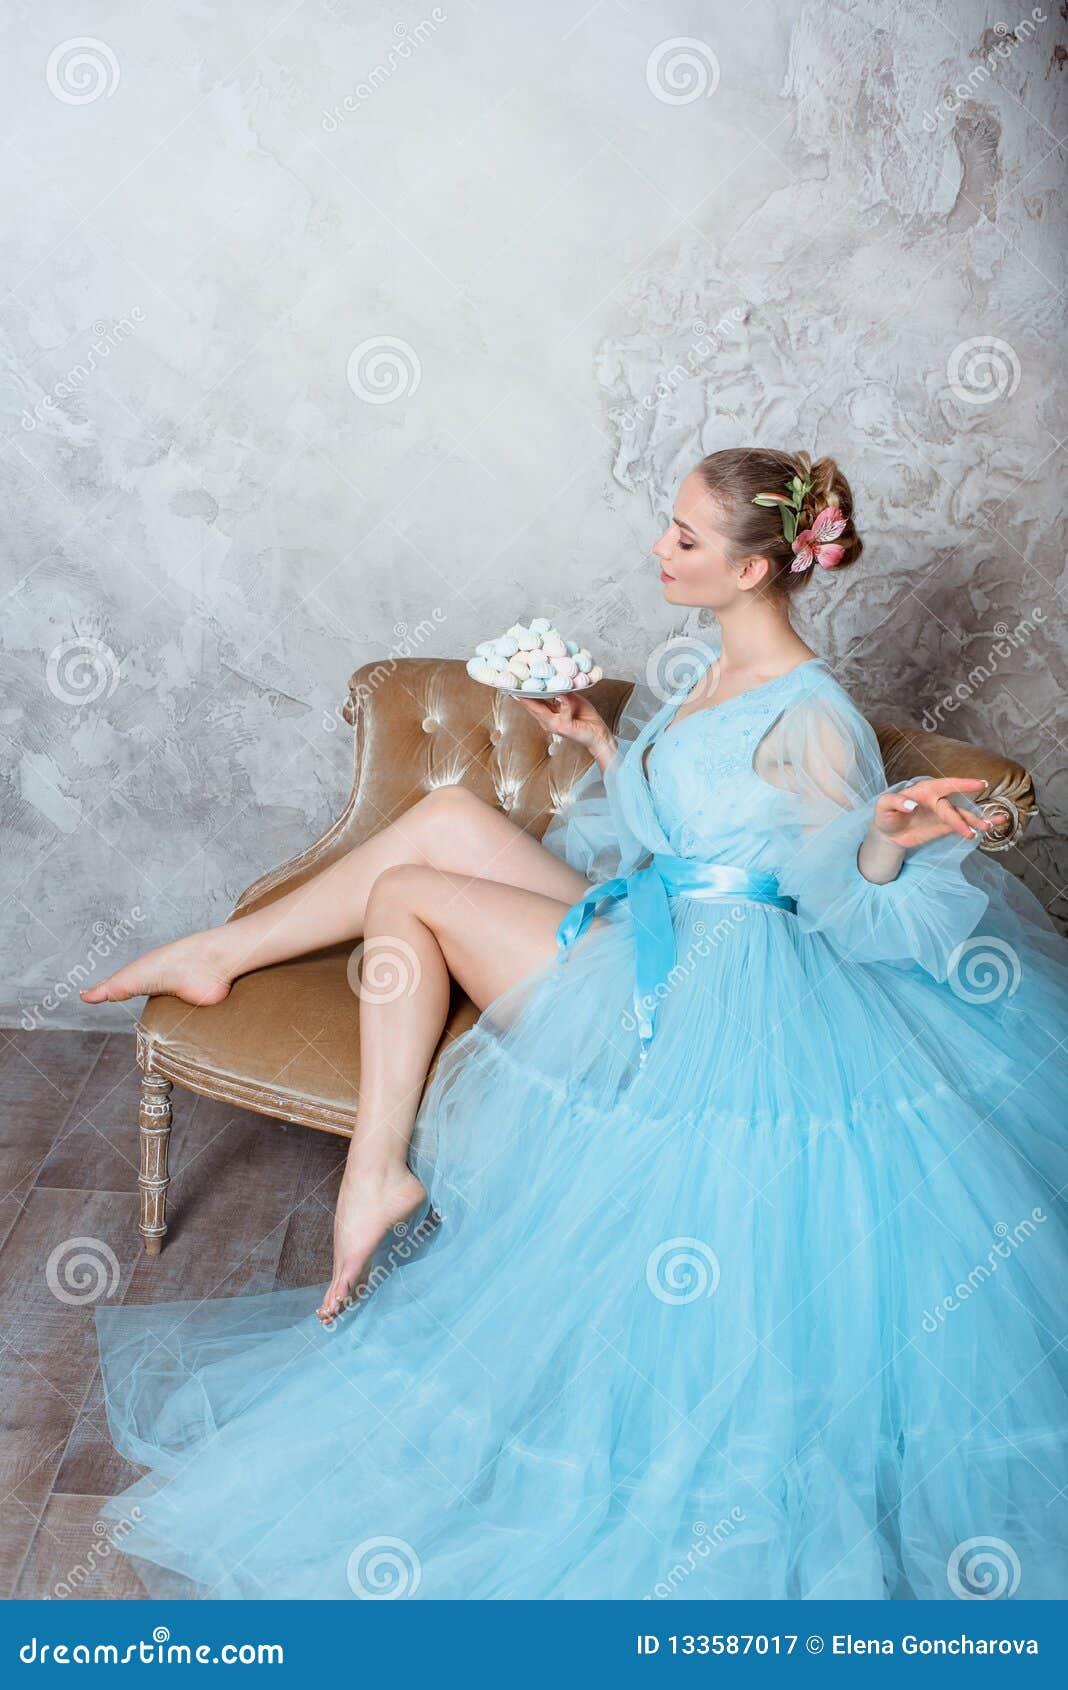 Πορτρέτο μιας σαγηνευτικής όμορφης γυναίκας σε ένα φόρεμα αναδρομικών εσωτερικό και μπουντουάρ